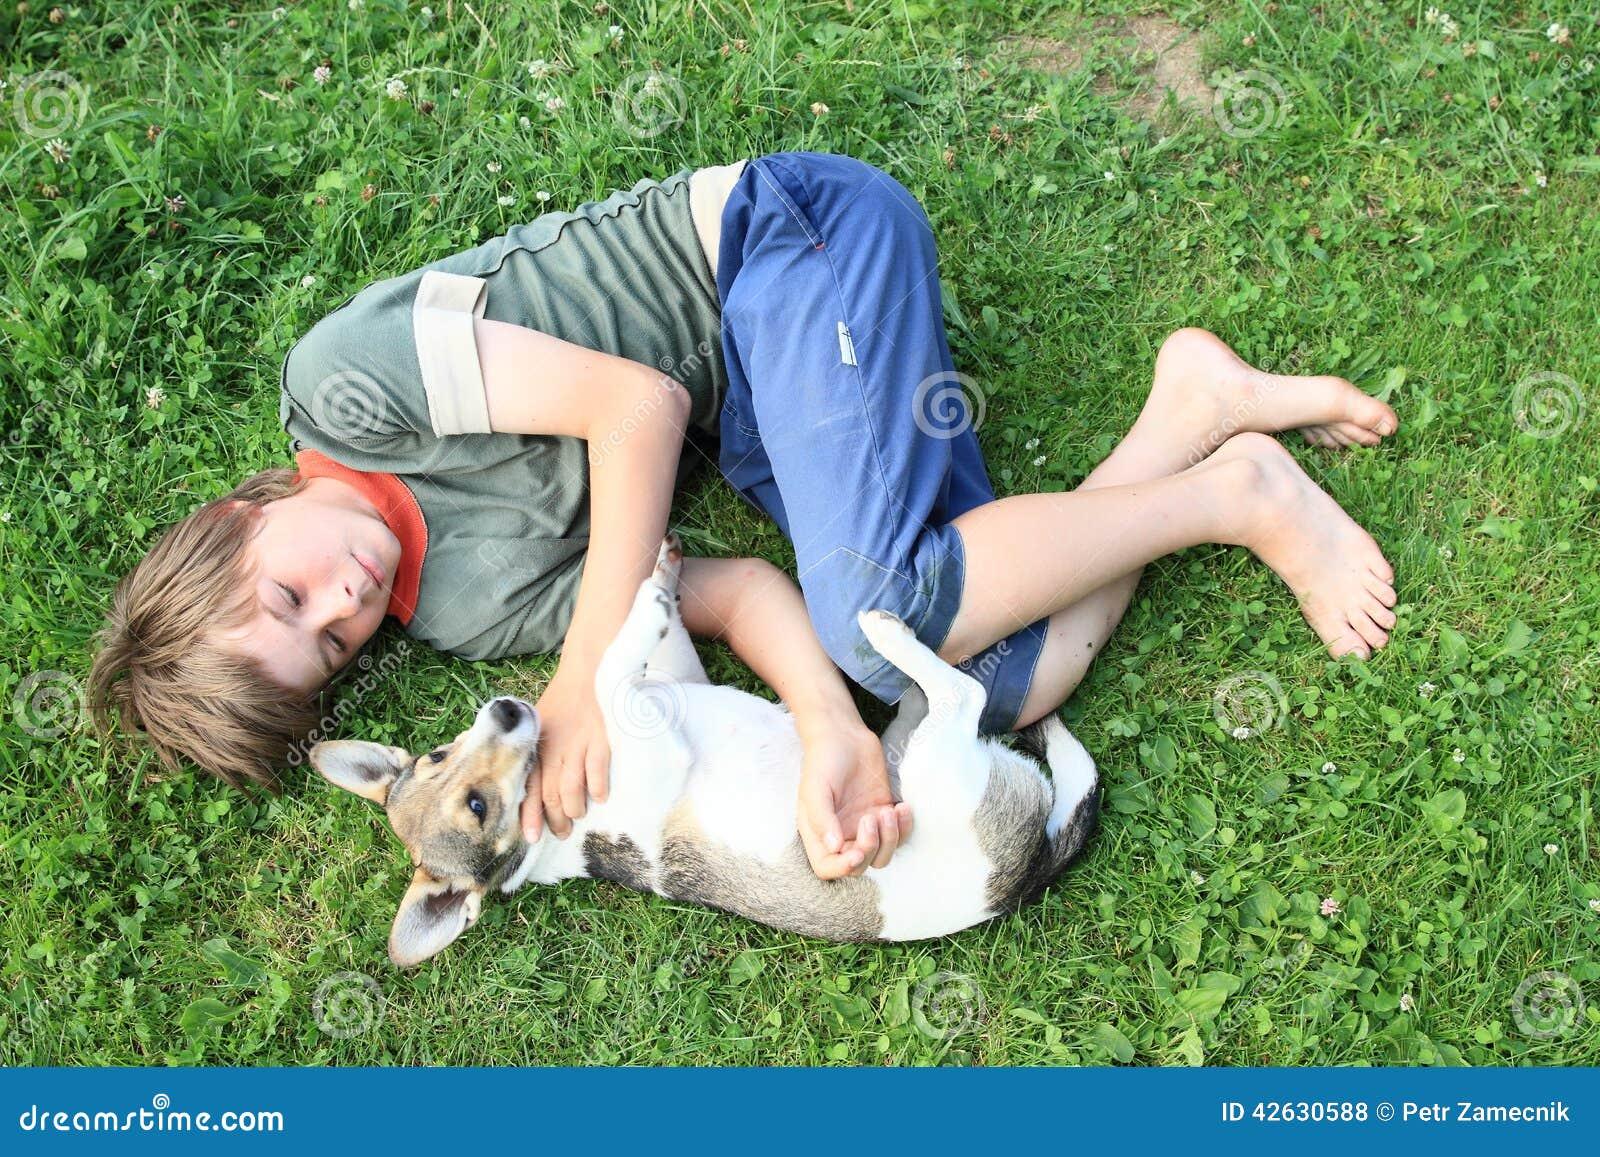 Dog Sleeps At Foot Of Bed